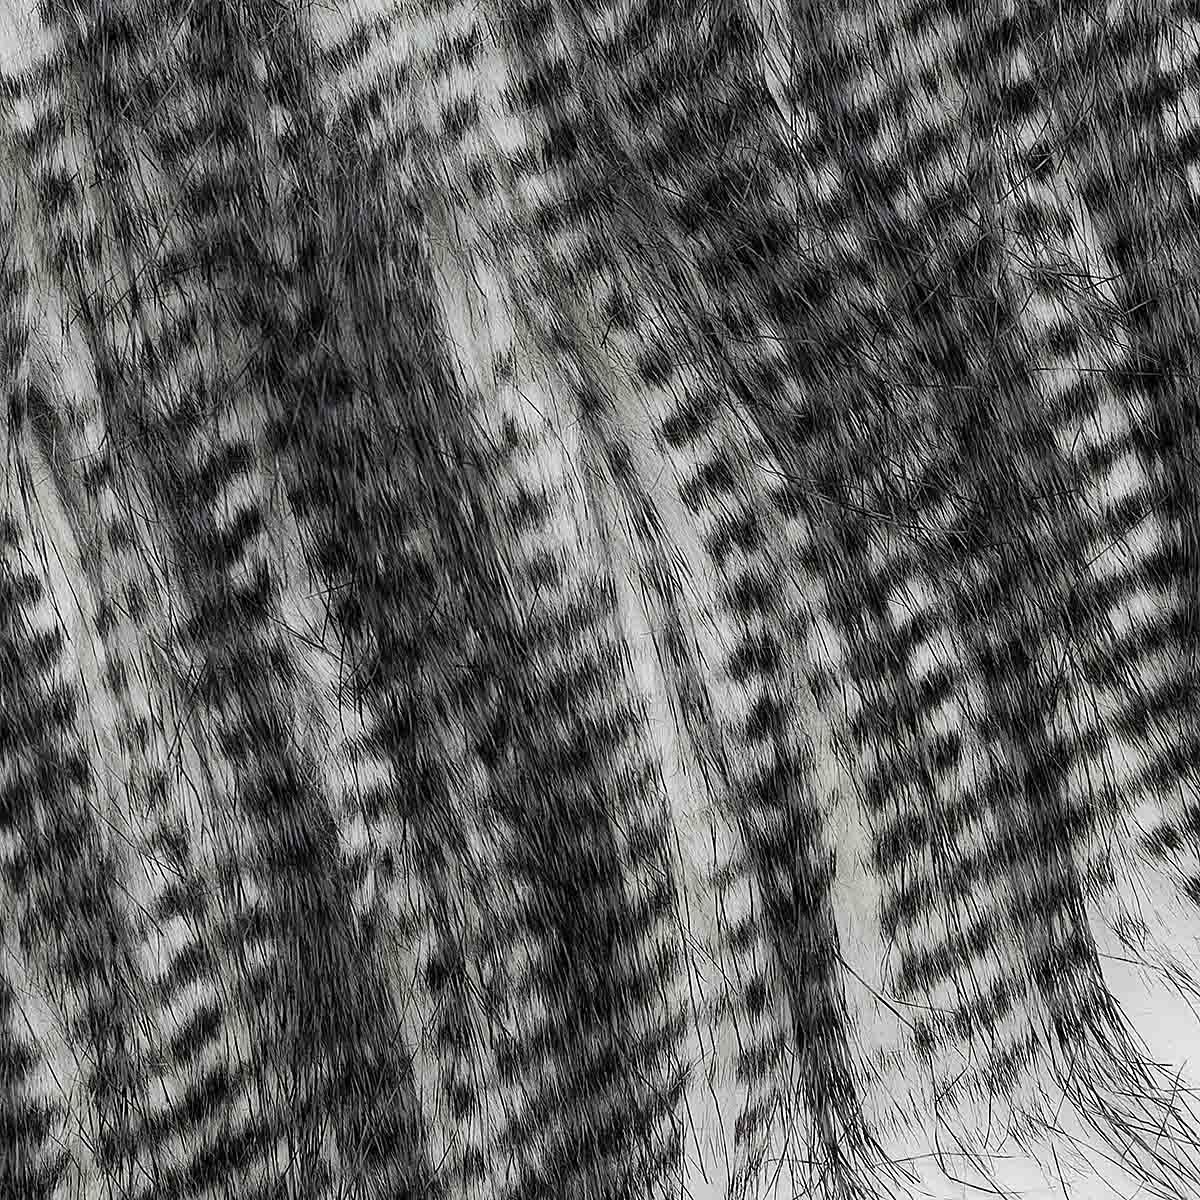 1001-003 MONDIAL Мех искусственный 'Опоссум' 80% акрил, 20% п/э, 12х160 см